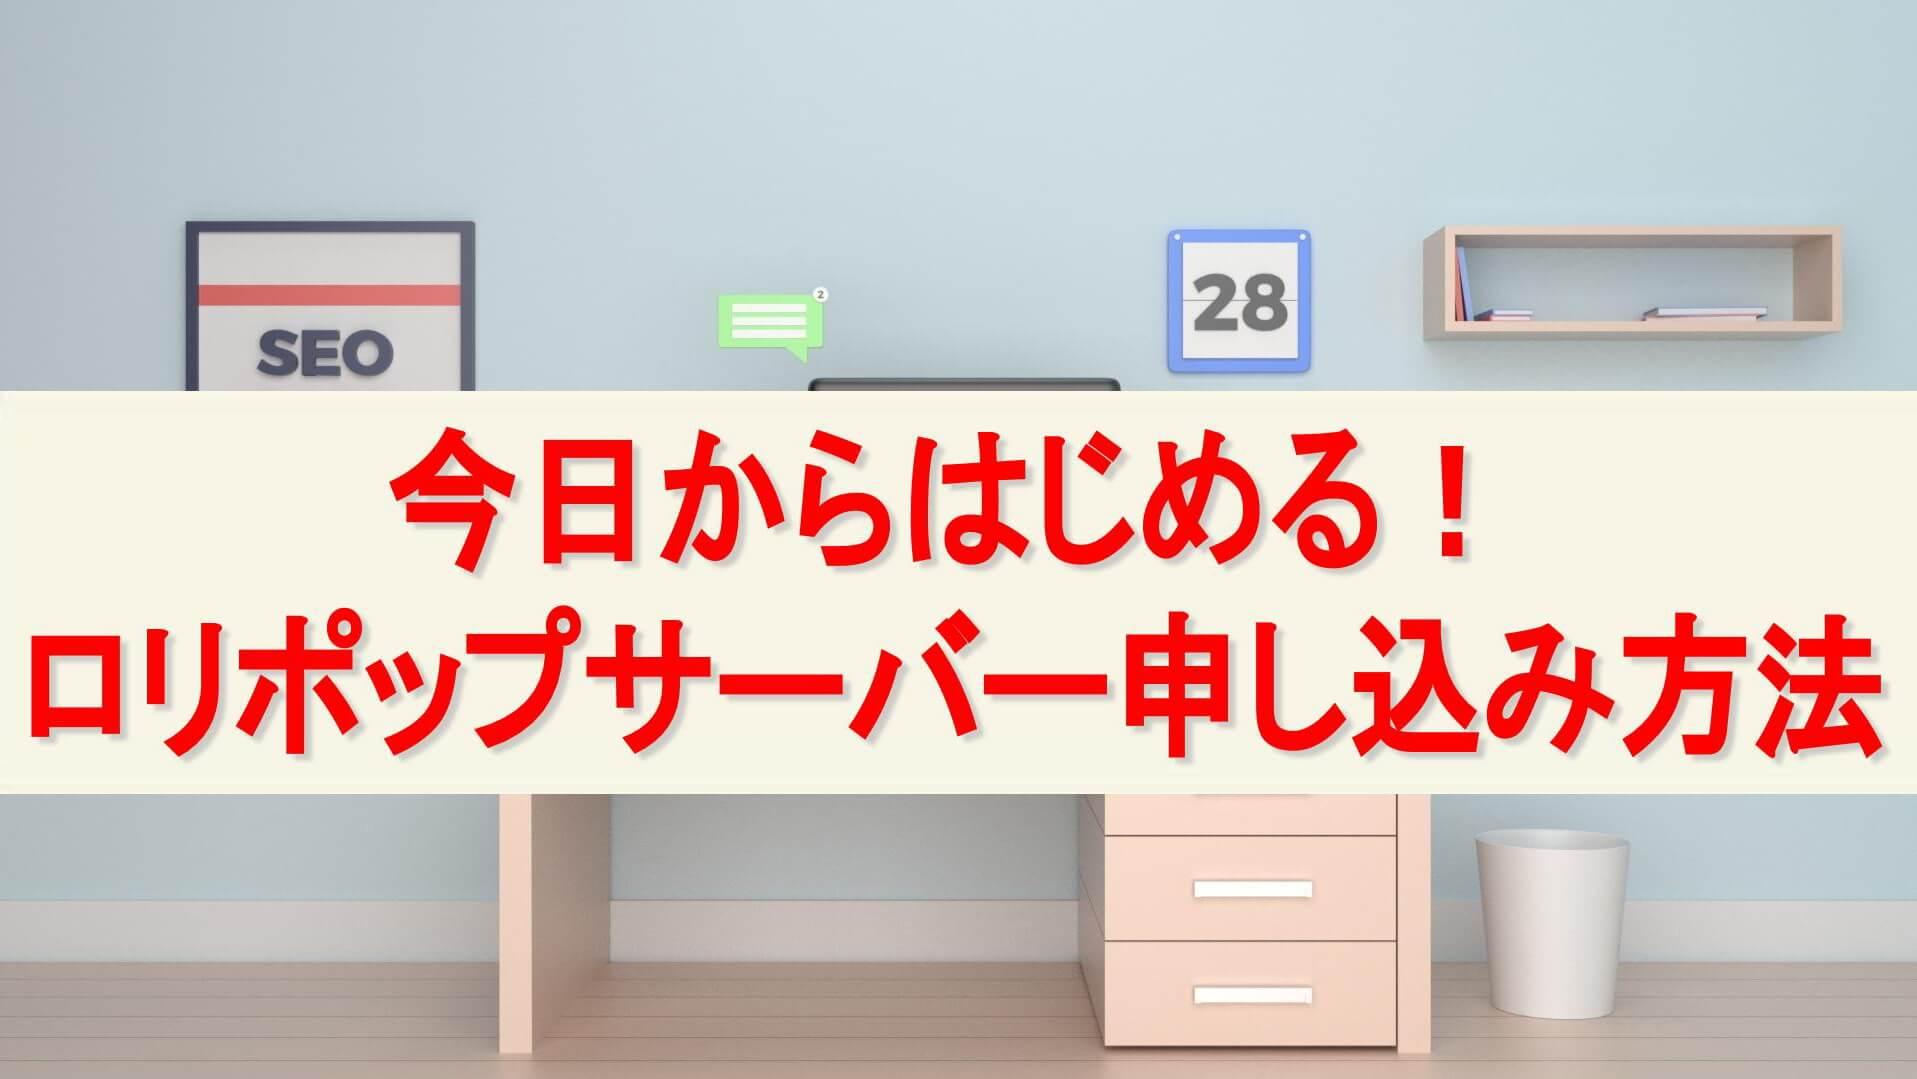 ワーキングデスクを表したイラスト テキスト「今日からはじめる! ロリポップサーバー申し込み方法」